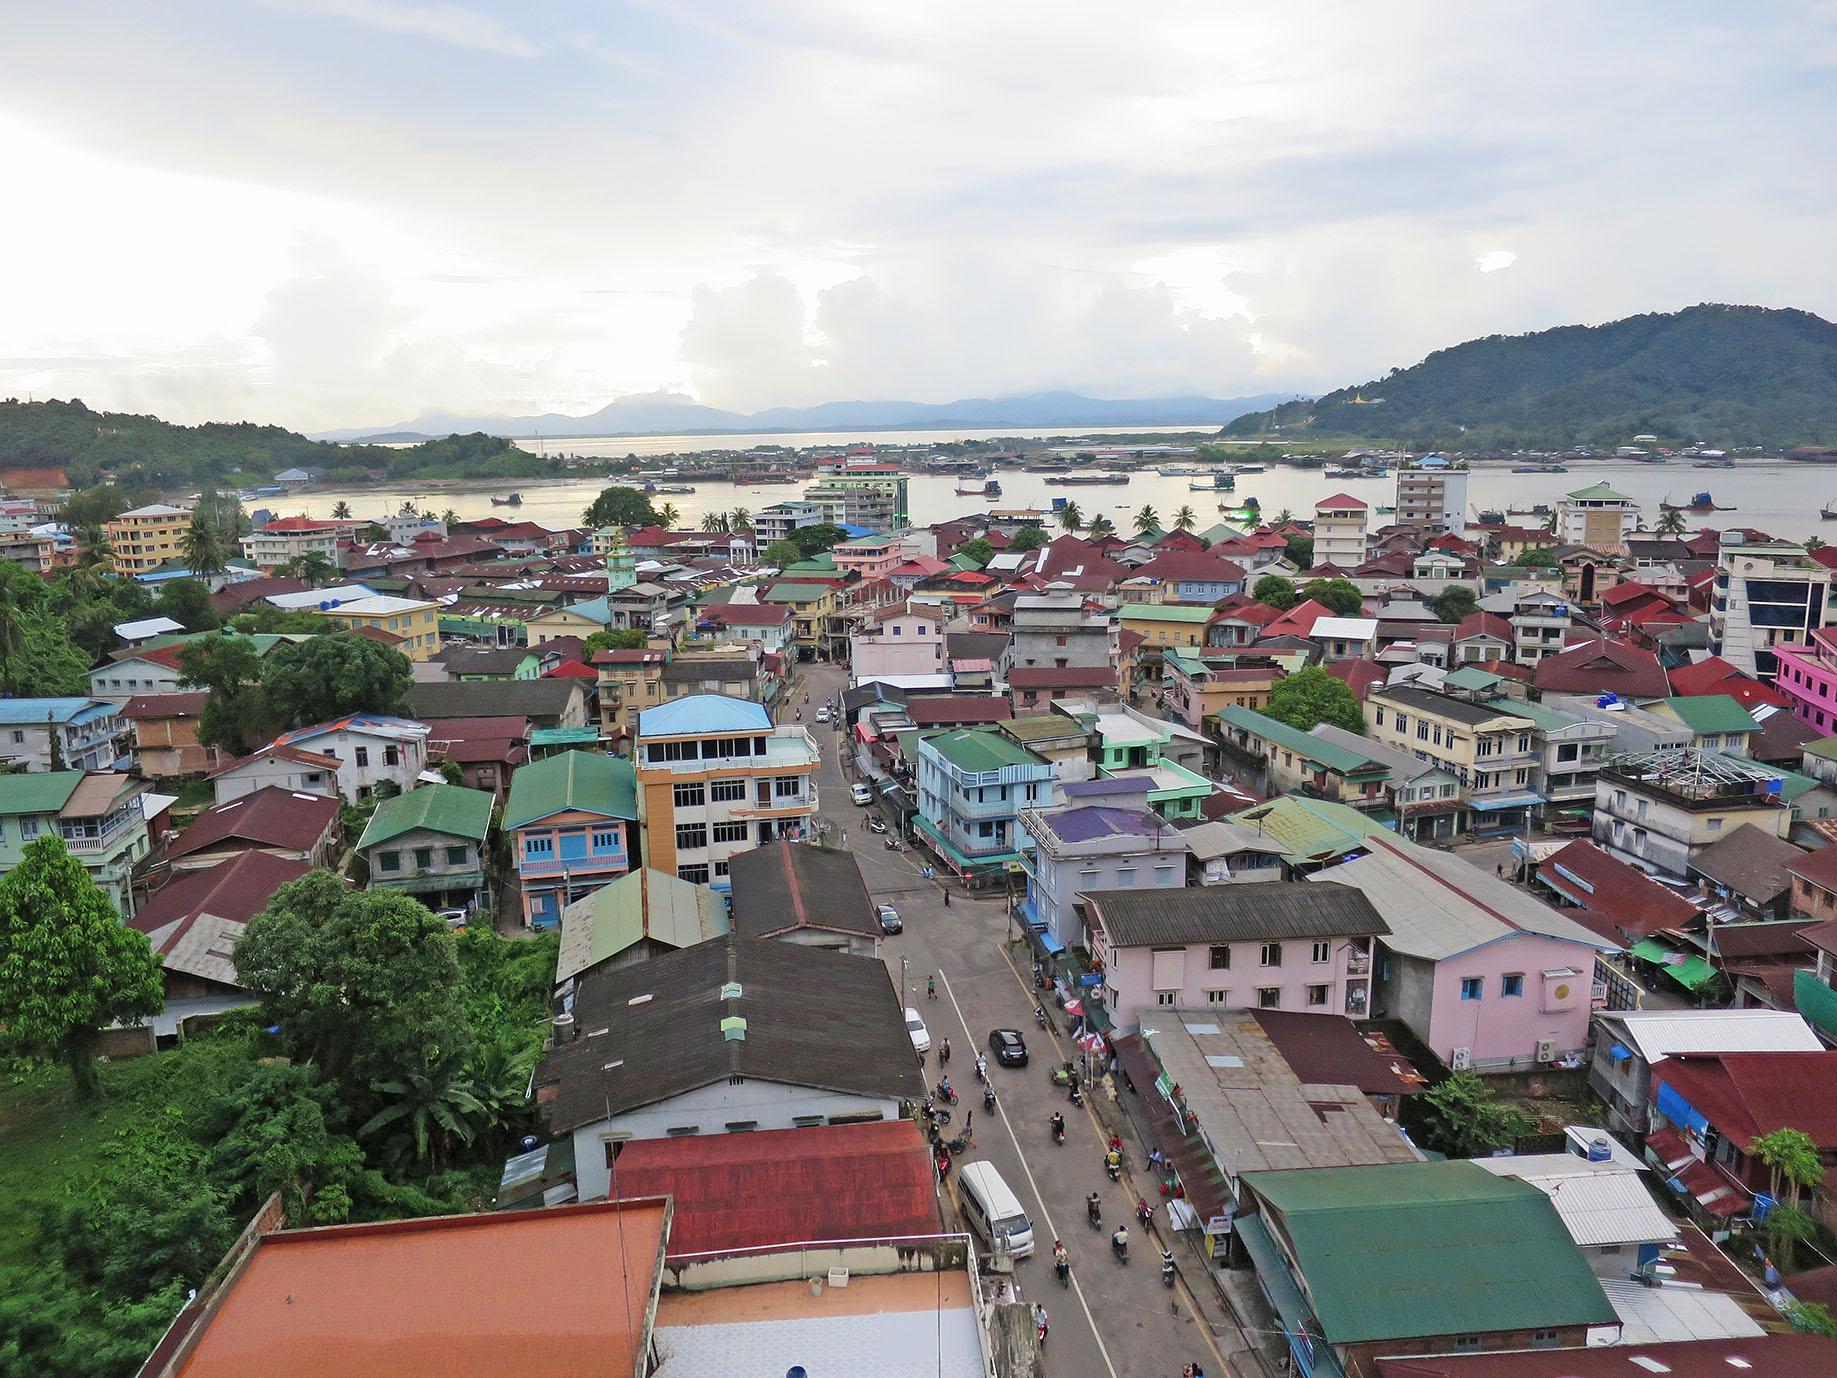 タニンダーリ地方の中心都市である港町ベイッ